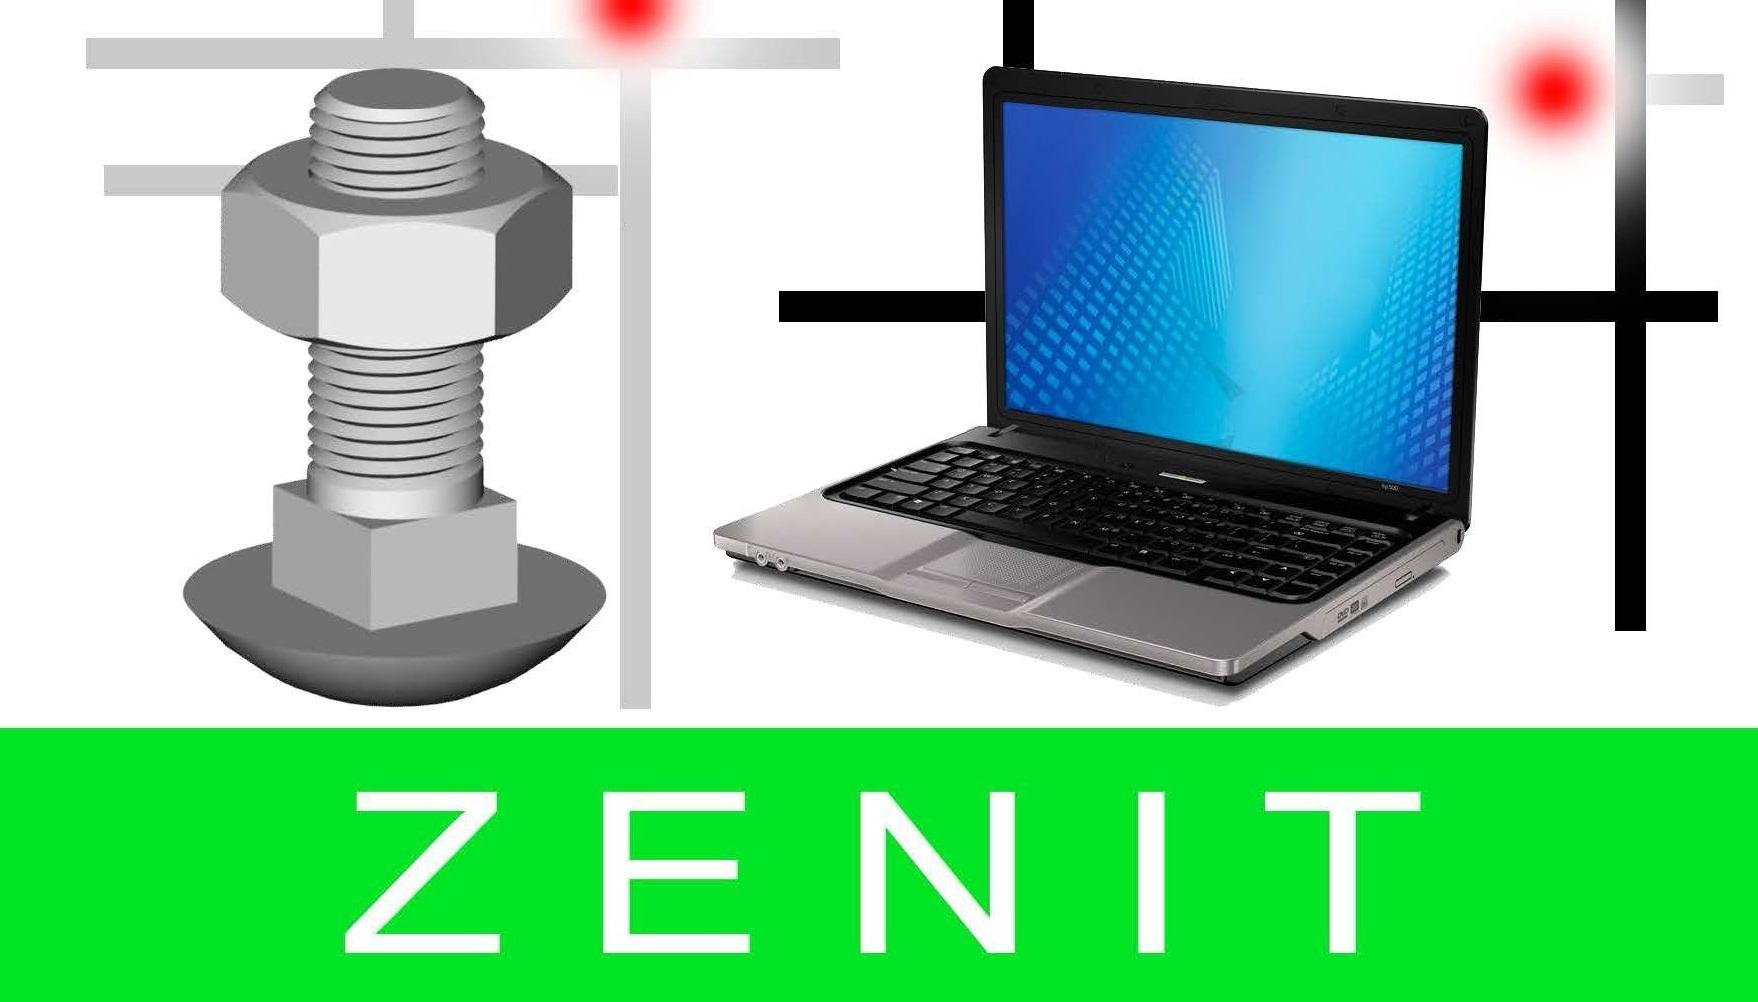 Školské kolo súťaže Zenit v programovaní